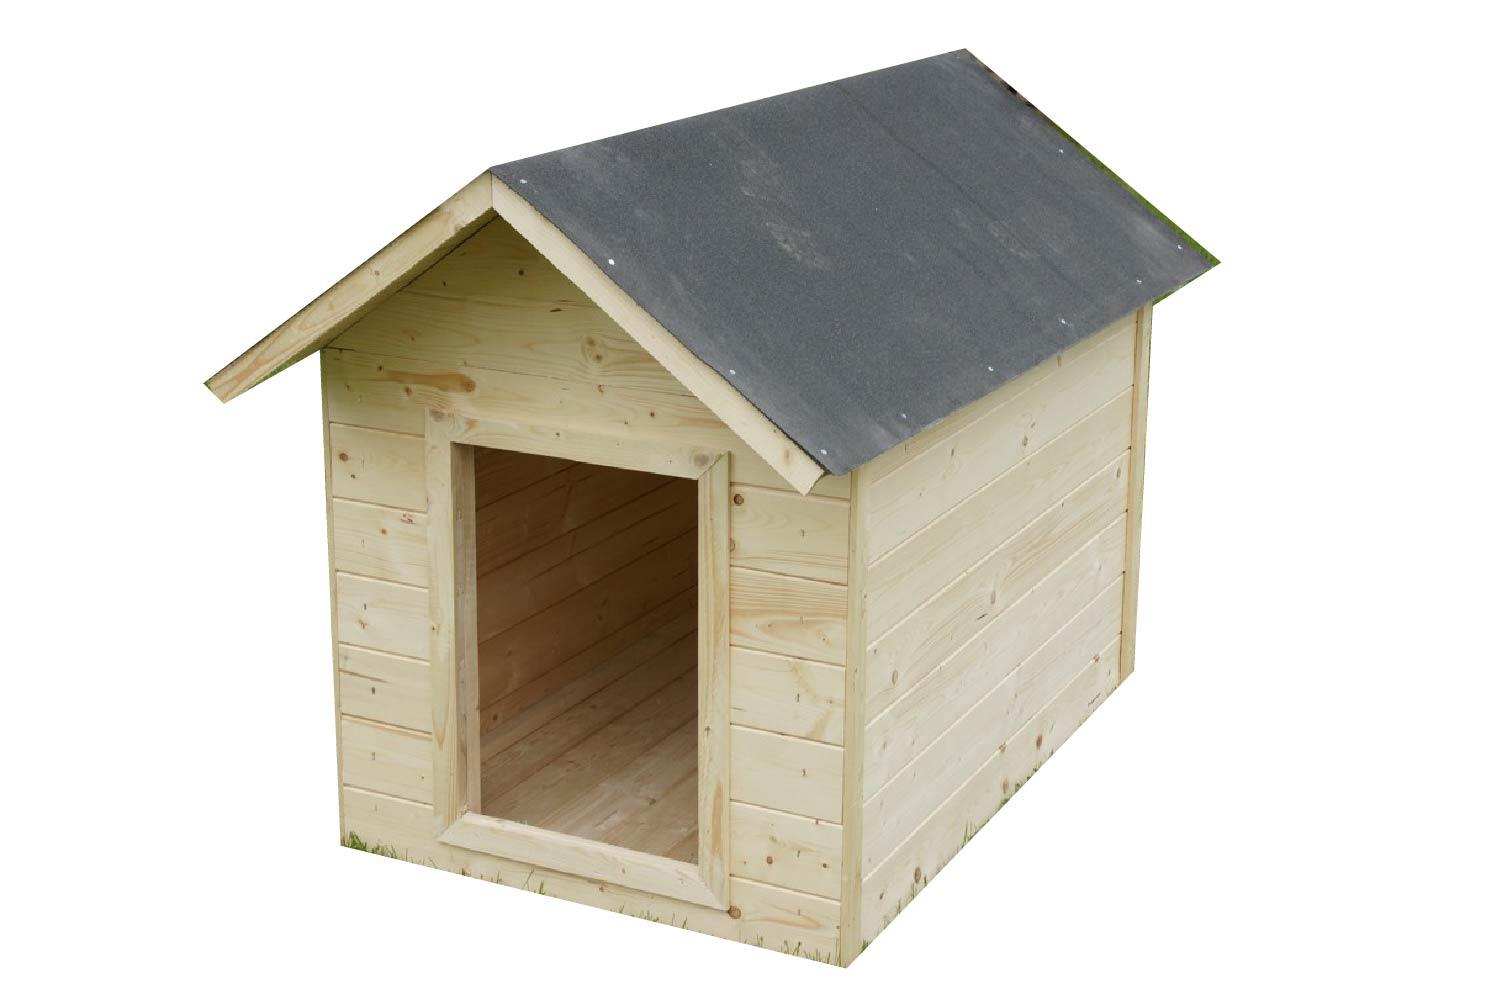 hundeh tten und st lle hundeh tte xl holzh tte f r ihren hund x x. Black Bedroom Furniture Sets. Home Design Ideas